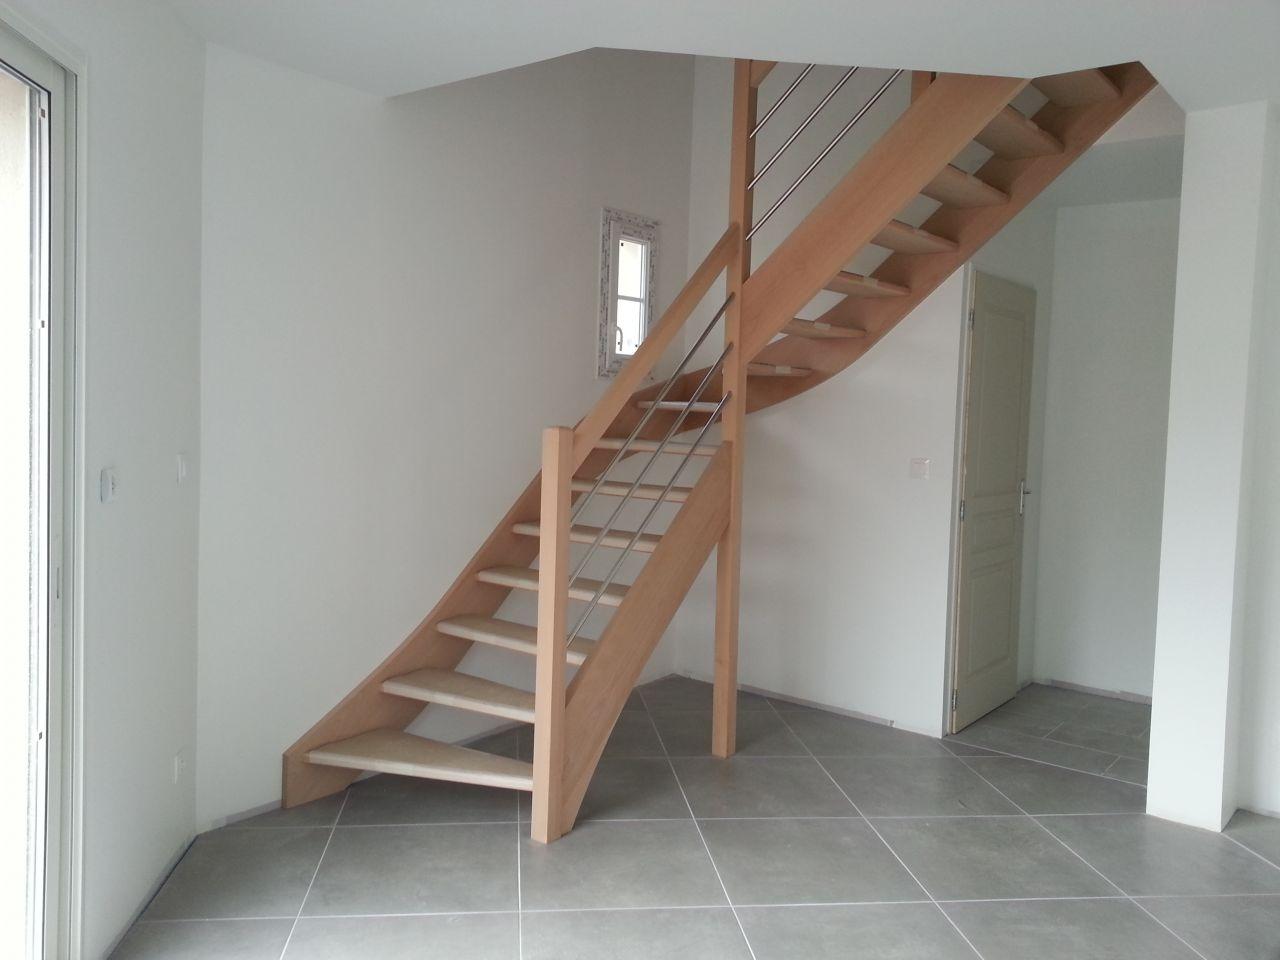 Refaire Escalier Trop Raide avis escalier trop raide? - 41 messages